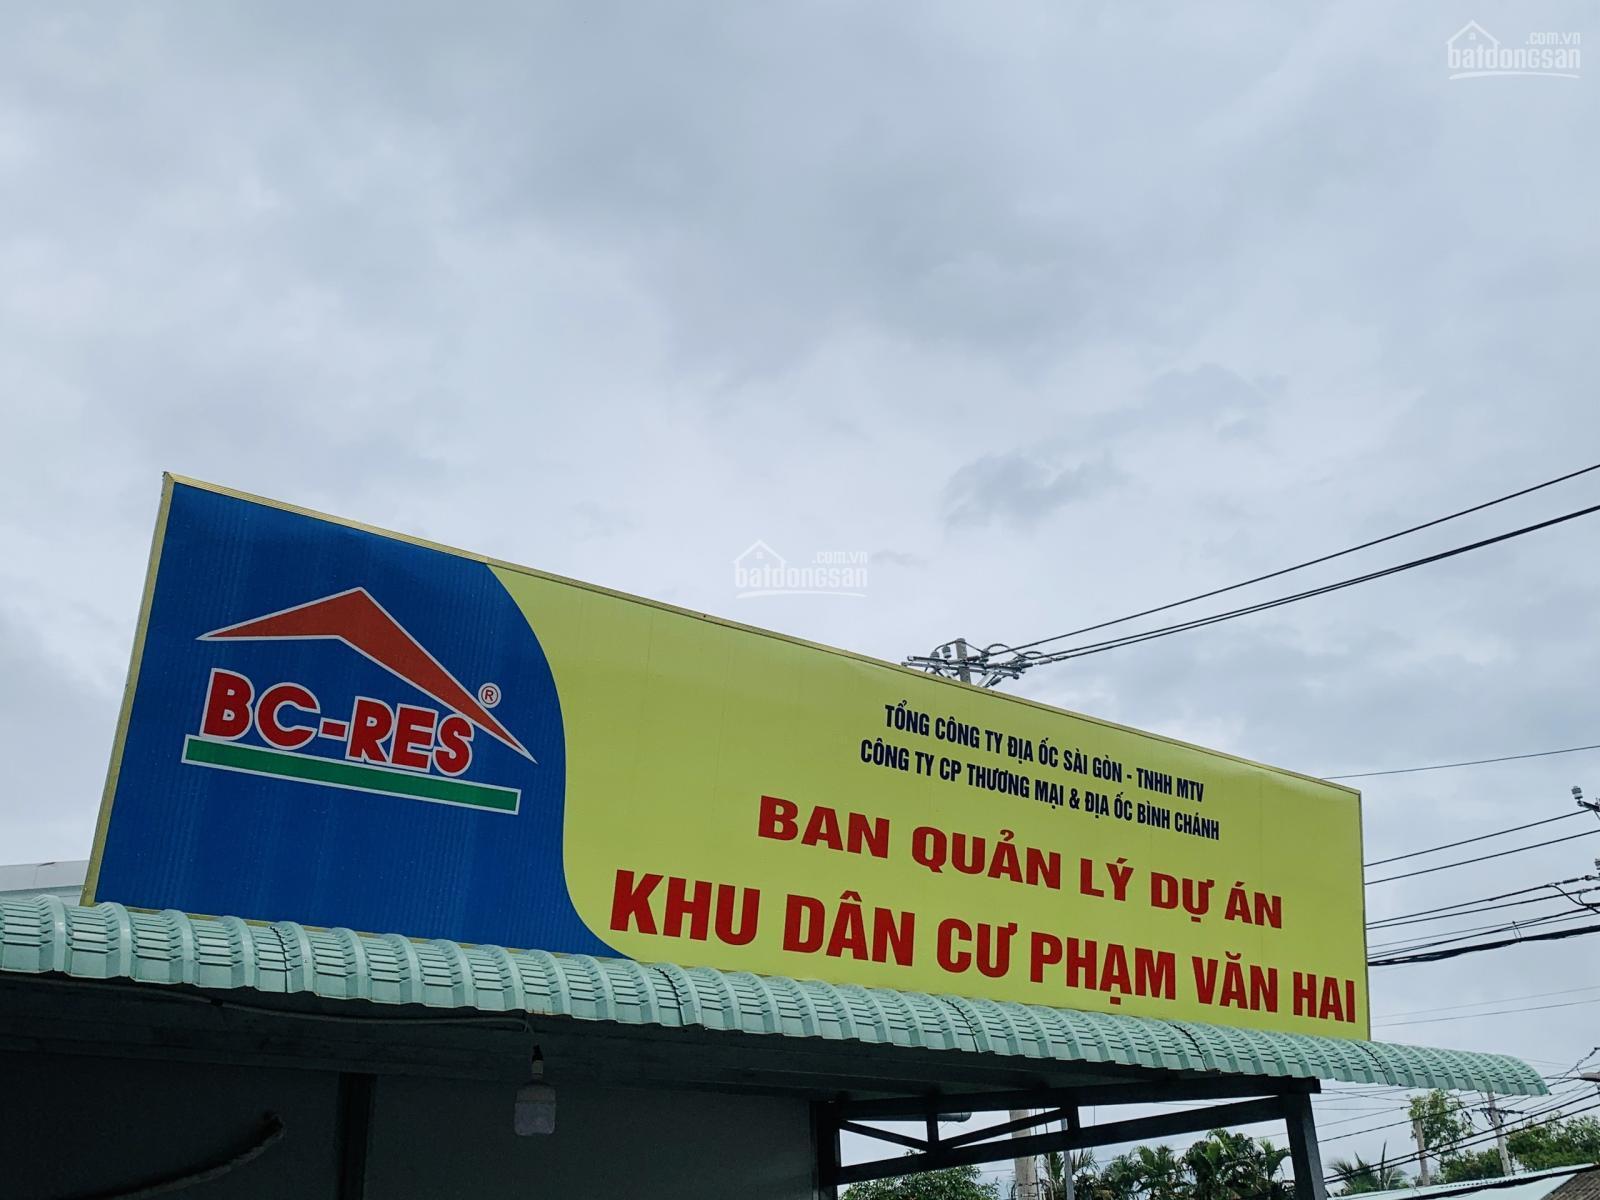 Tìm đâu ra nền đất huyện Bình Chánh, có SHR, giá chỉ vài chục triệu/m2